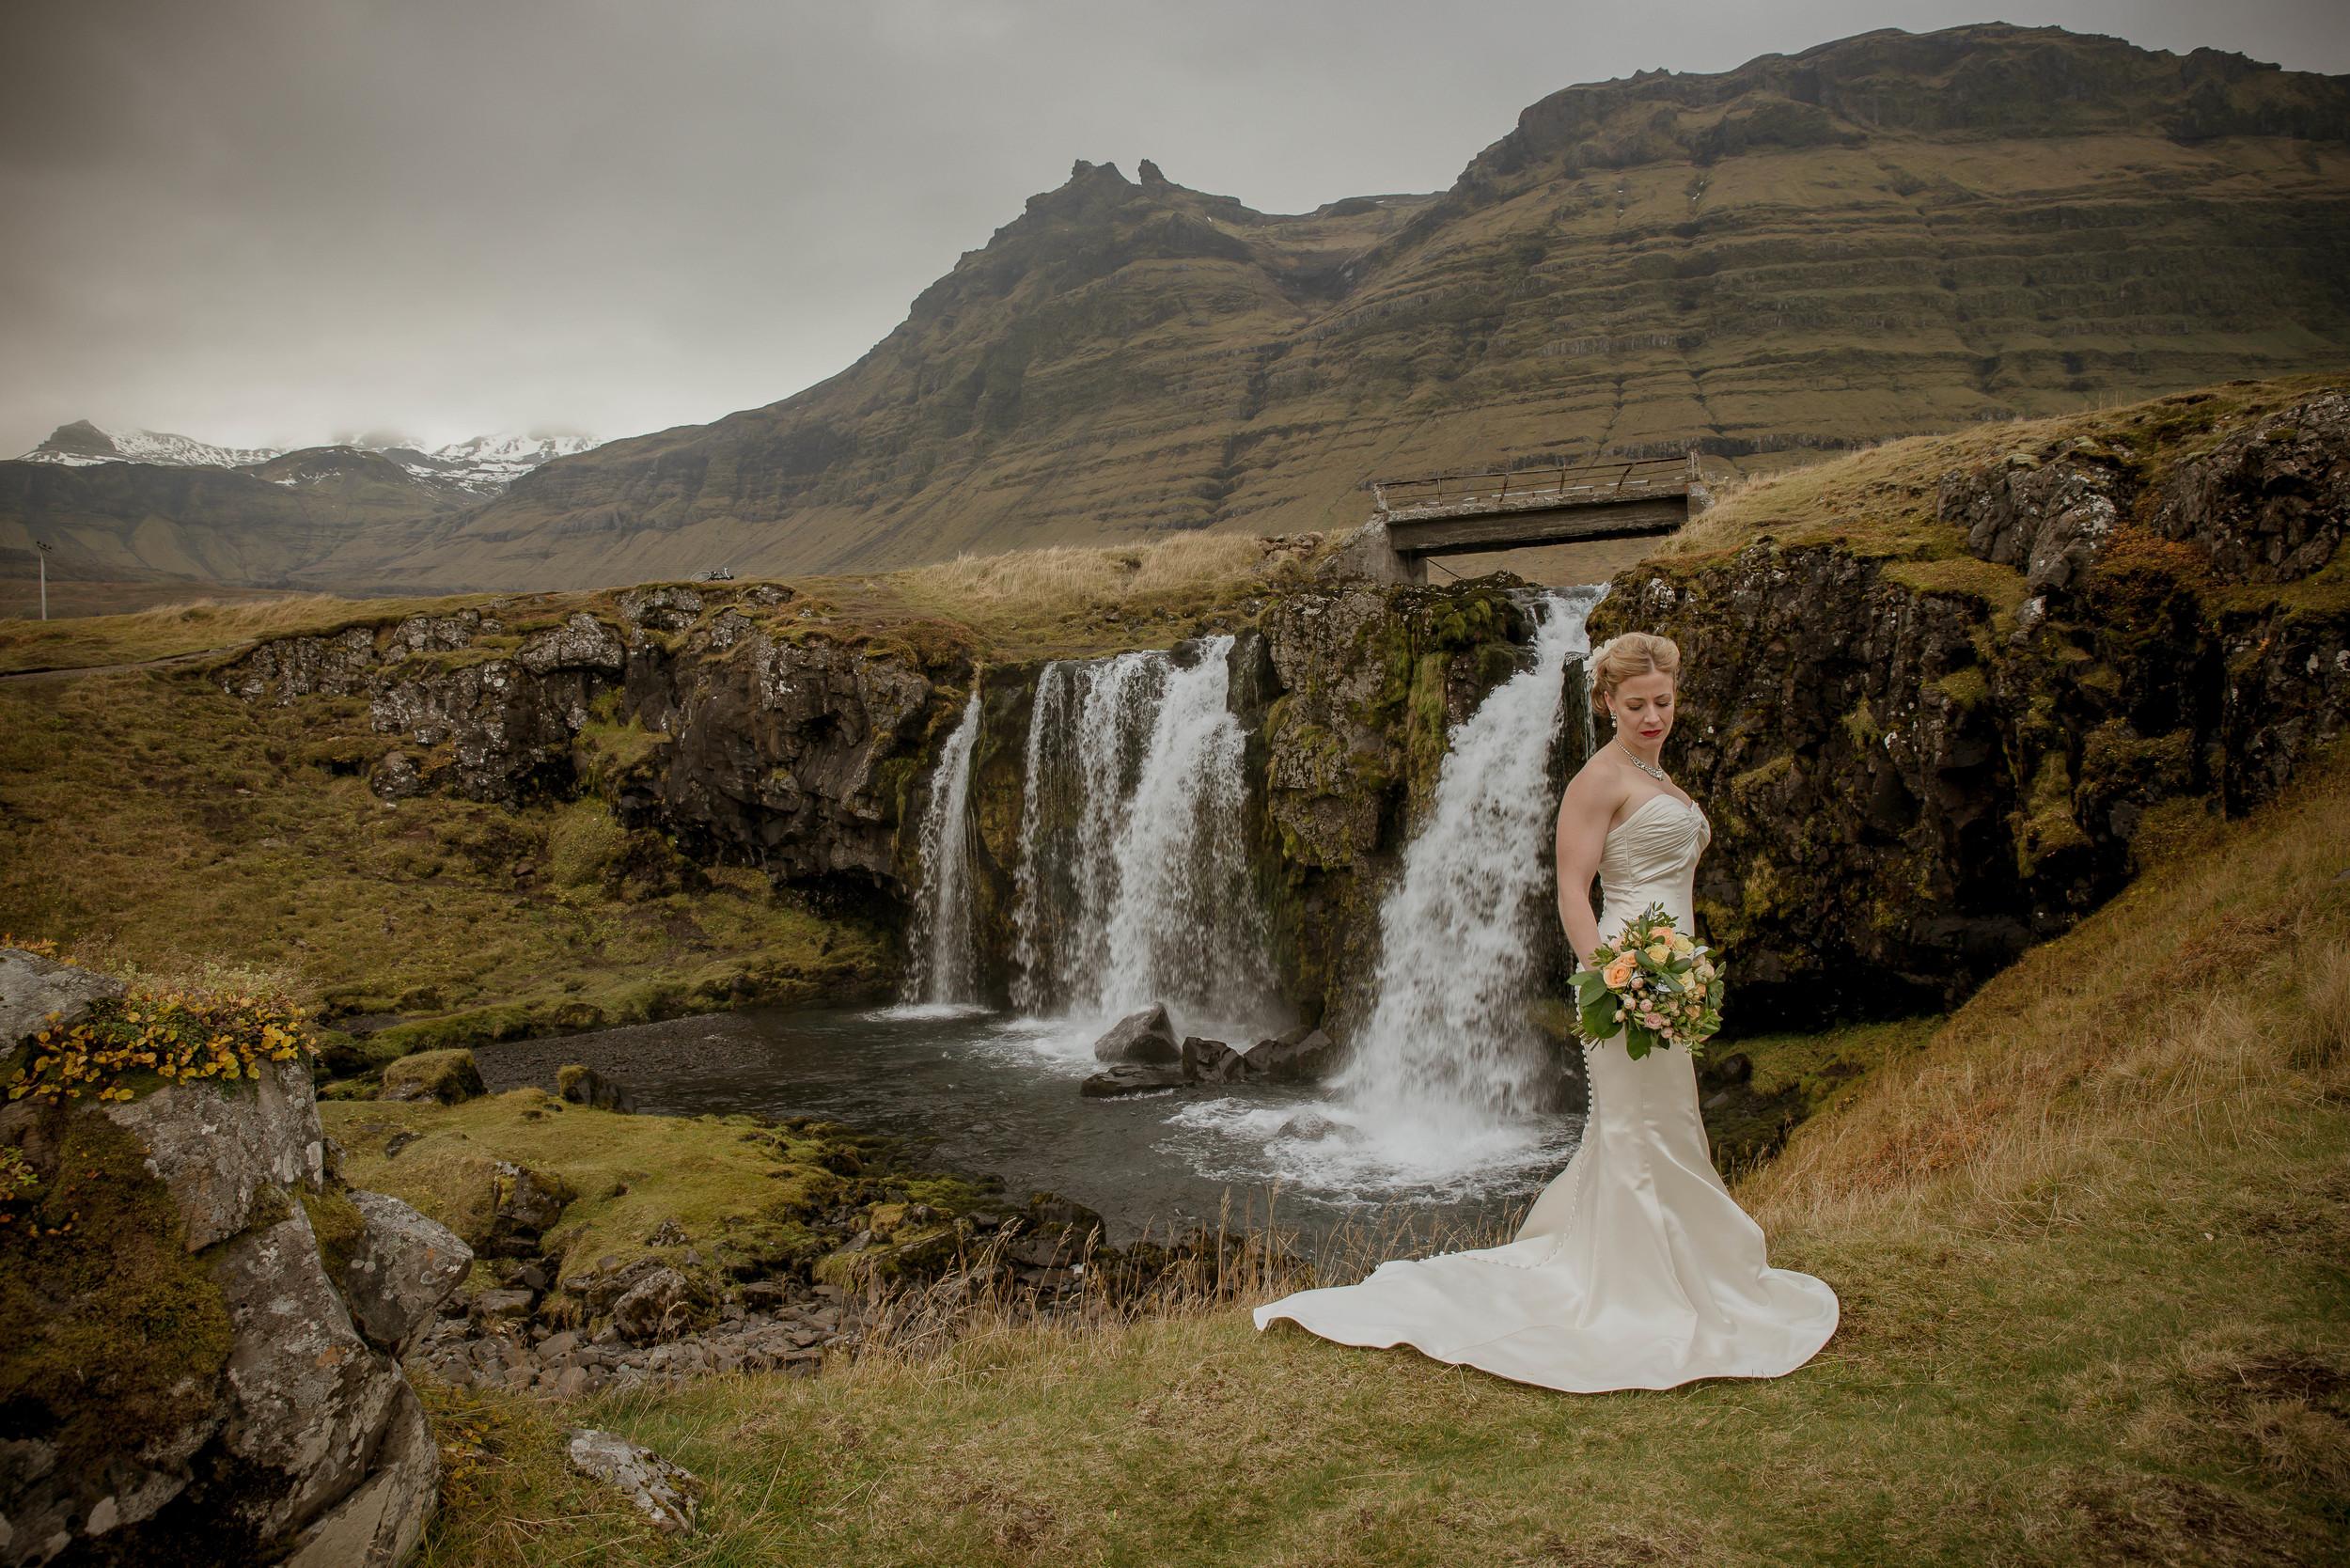 Iceland-Wedding-Photographer-Photos-by-Miss-Ann-23.jpg